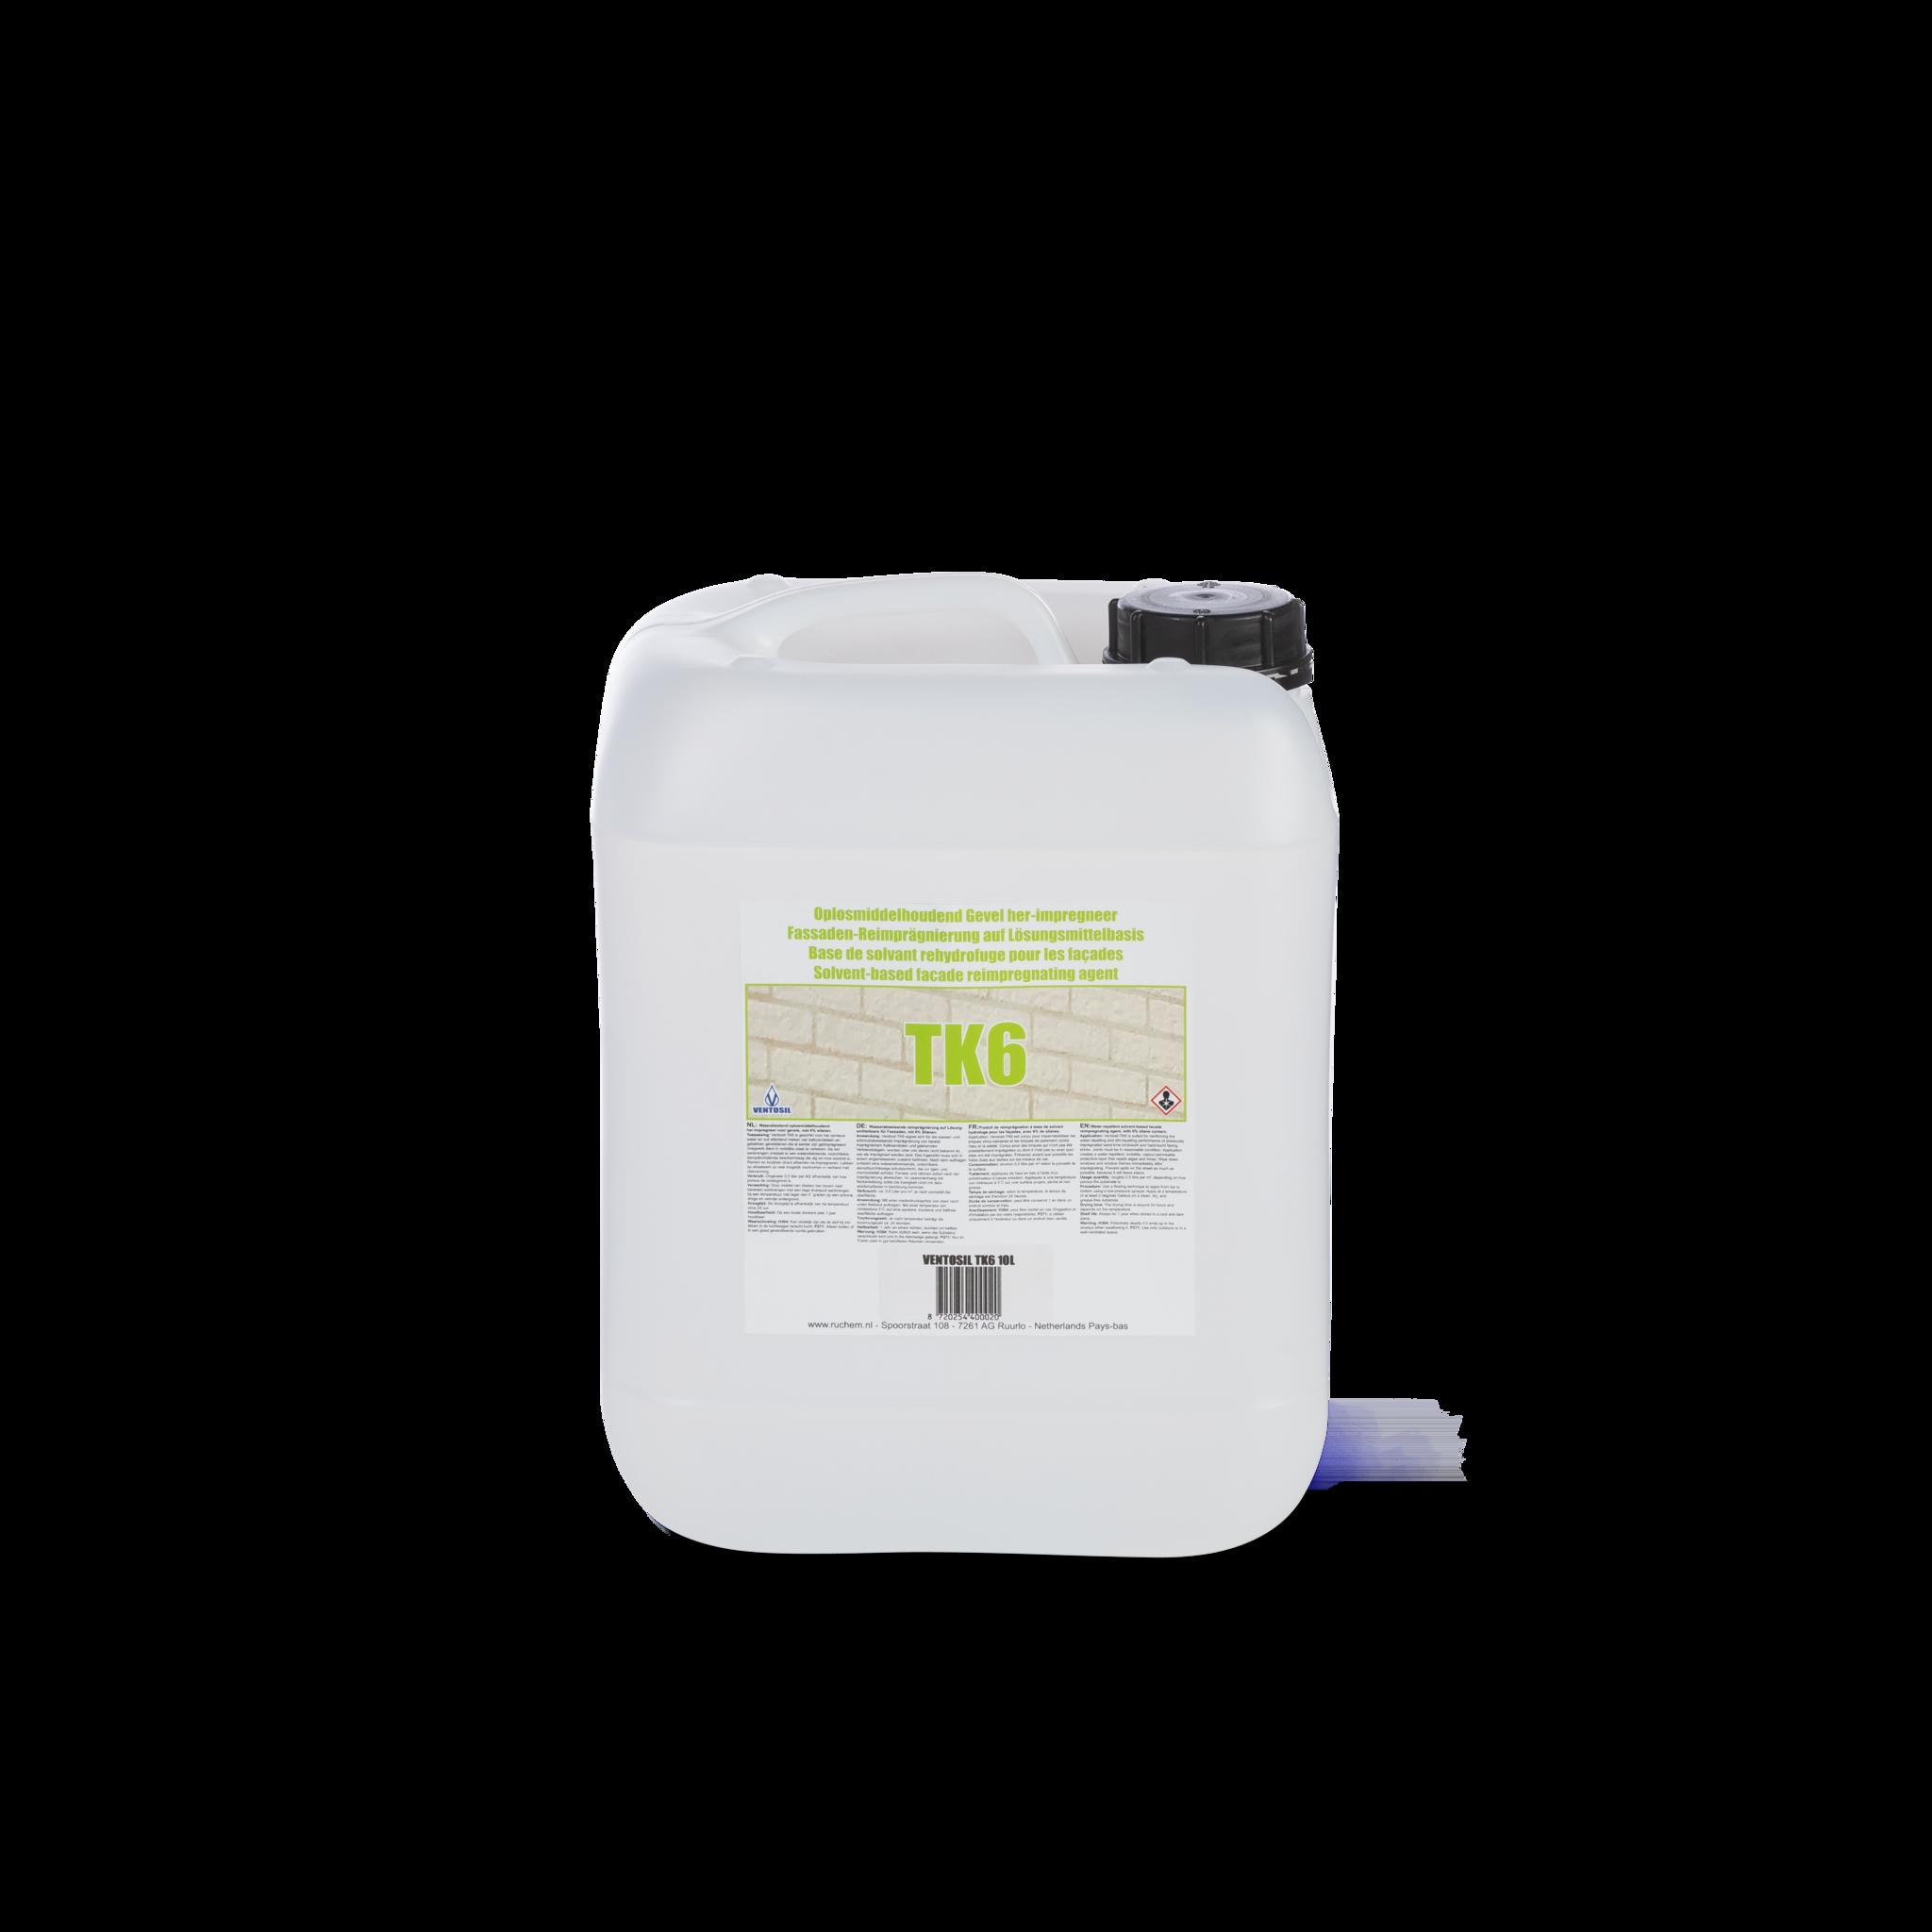 TK6 10 Liter